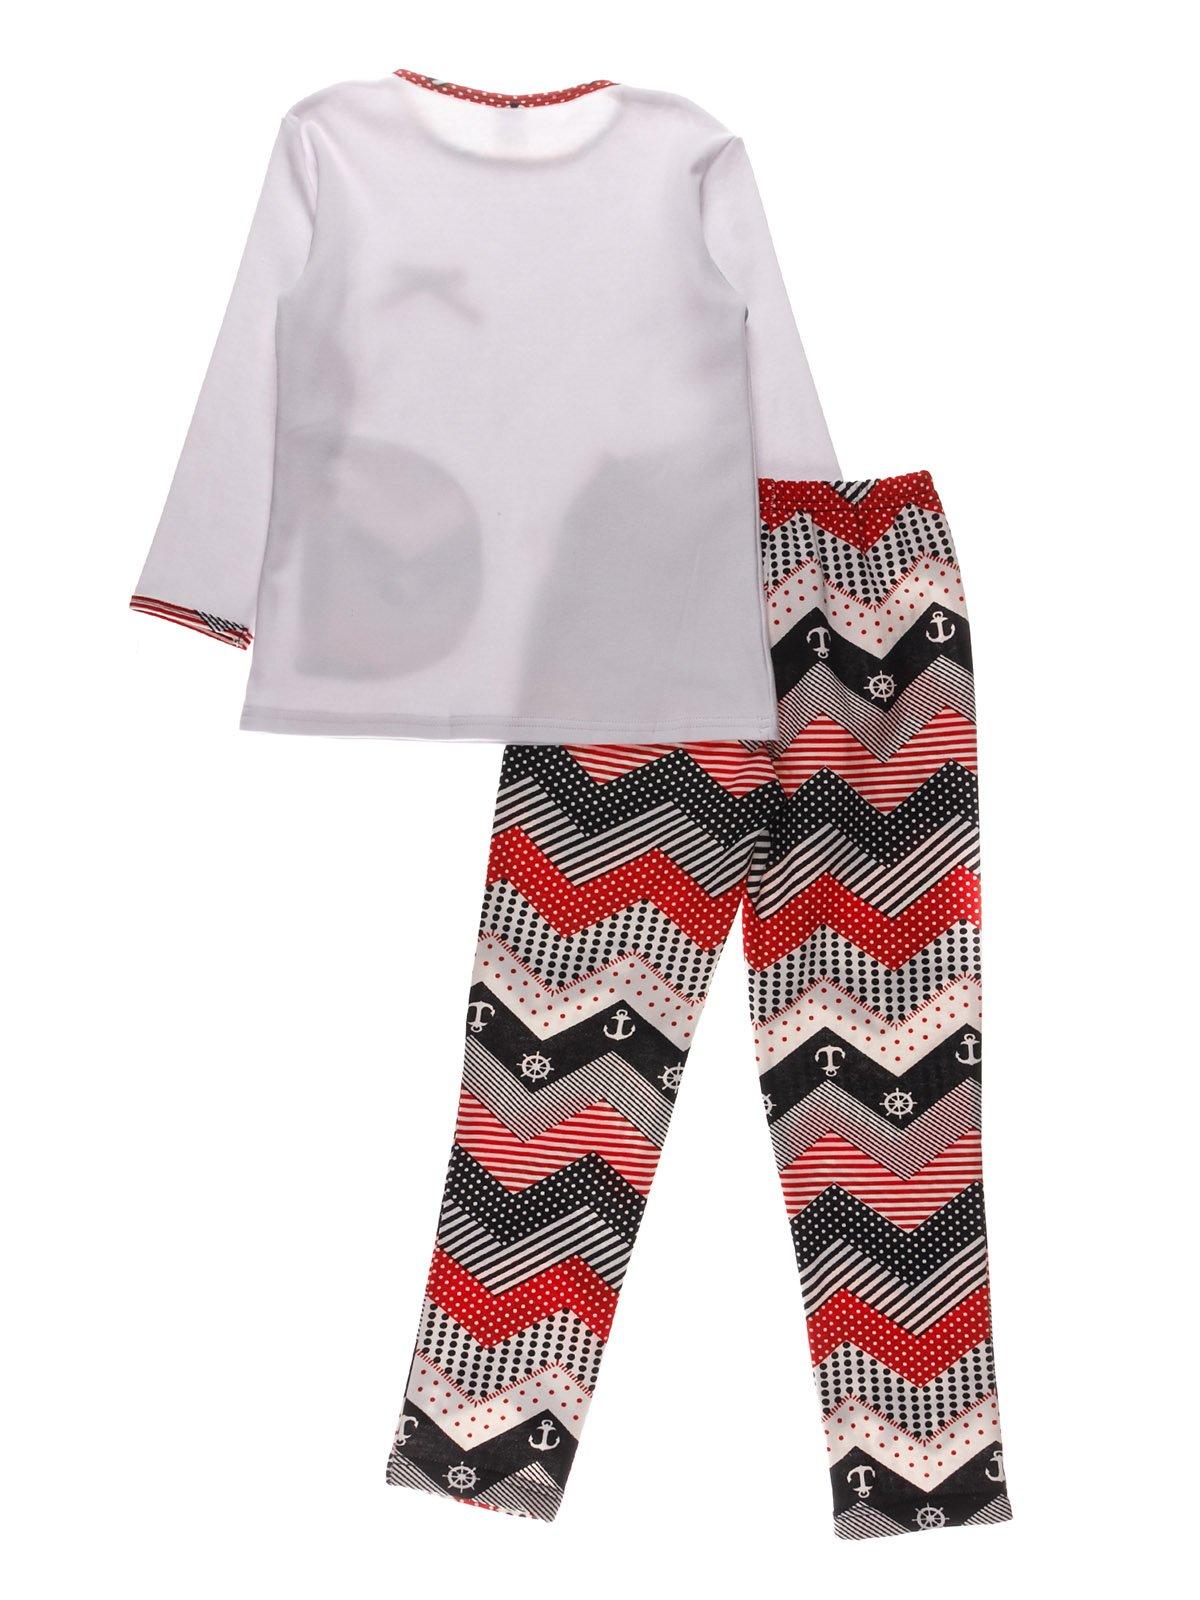 Піжама з начосом: джемпер і штани   3908207   фото 2